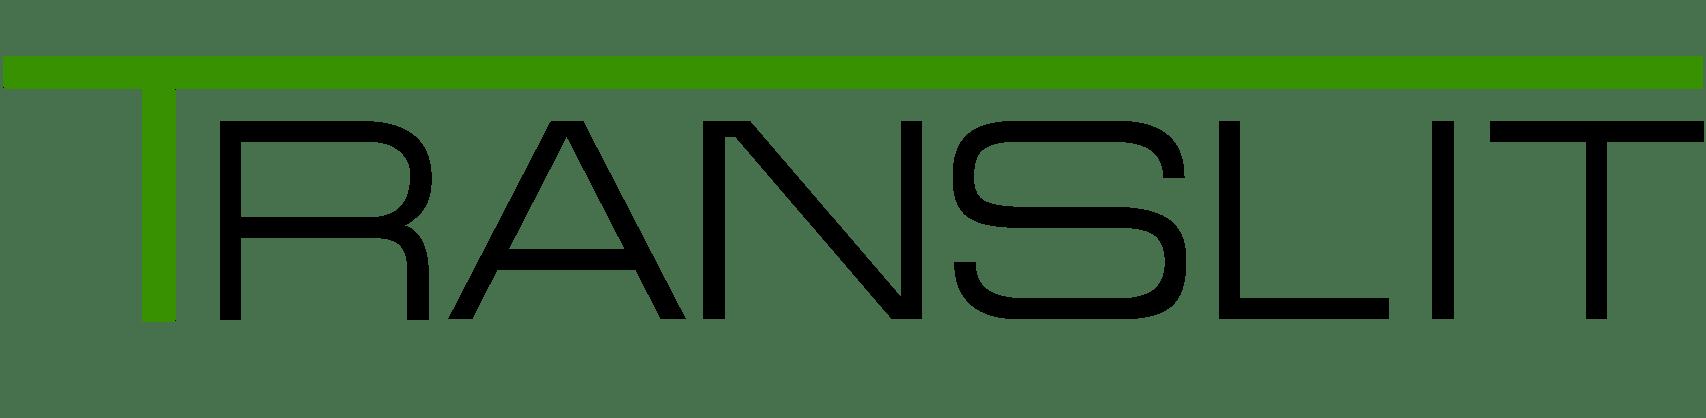 Translit Logo